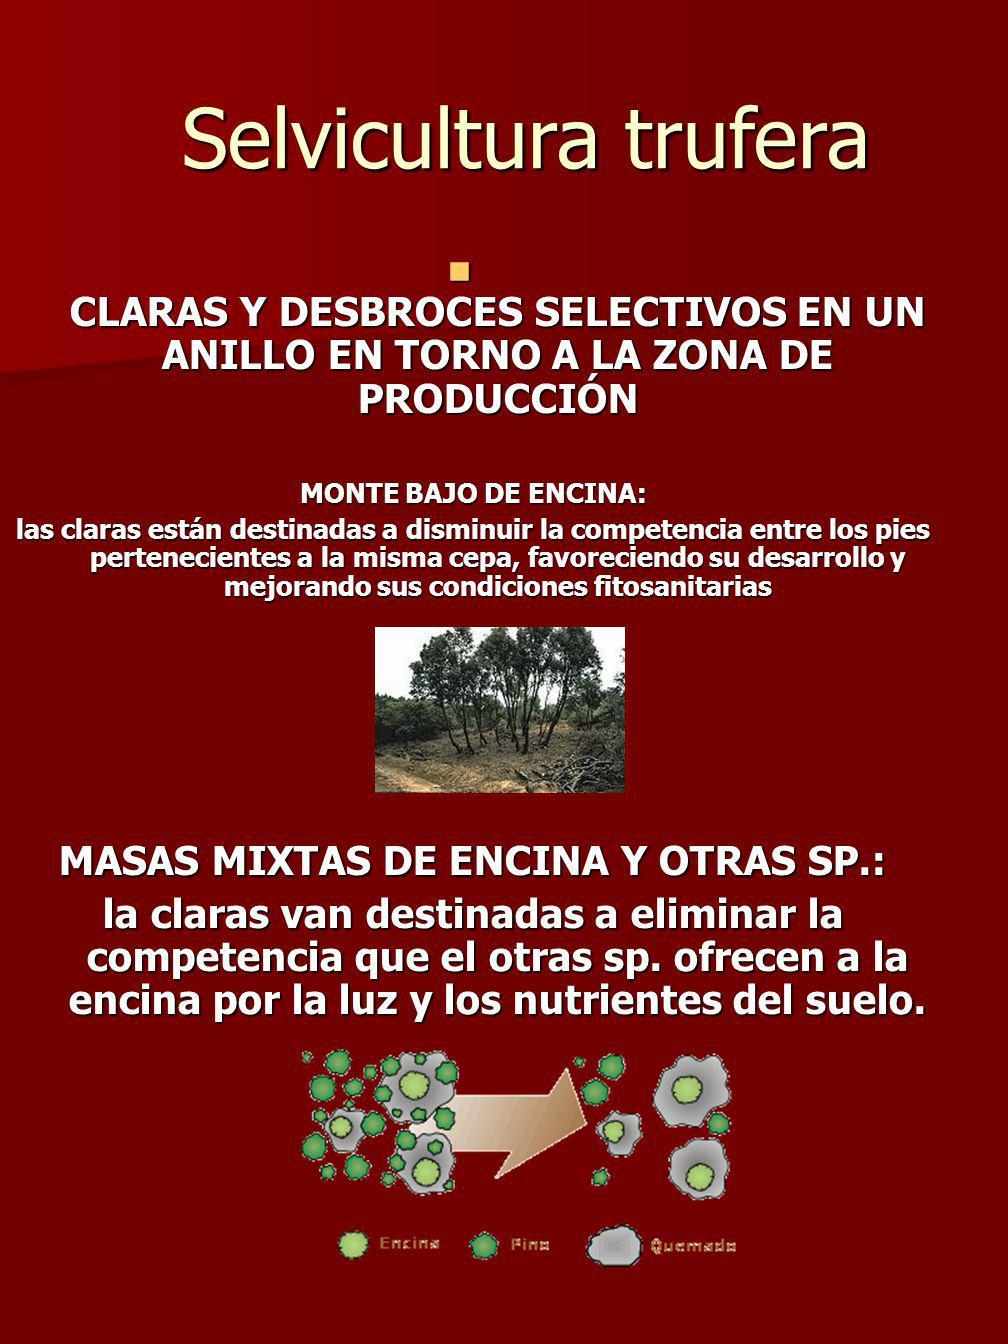 MASAS MIXTAS DE ENCINA Y OTRAS SP.: